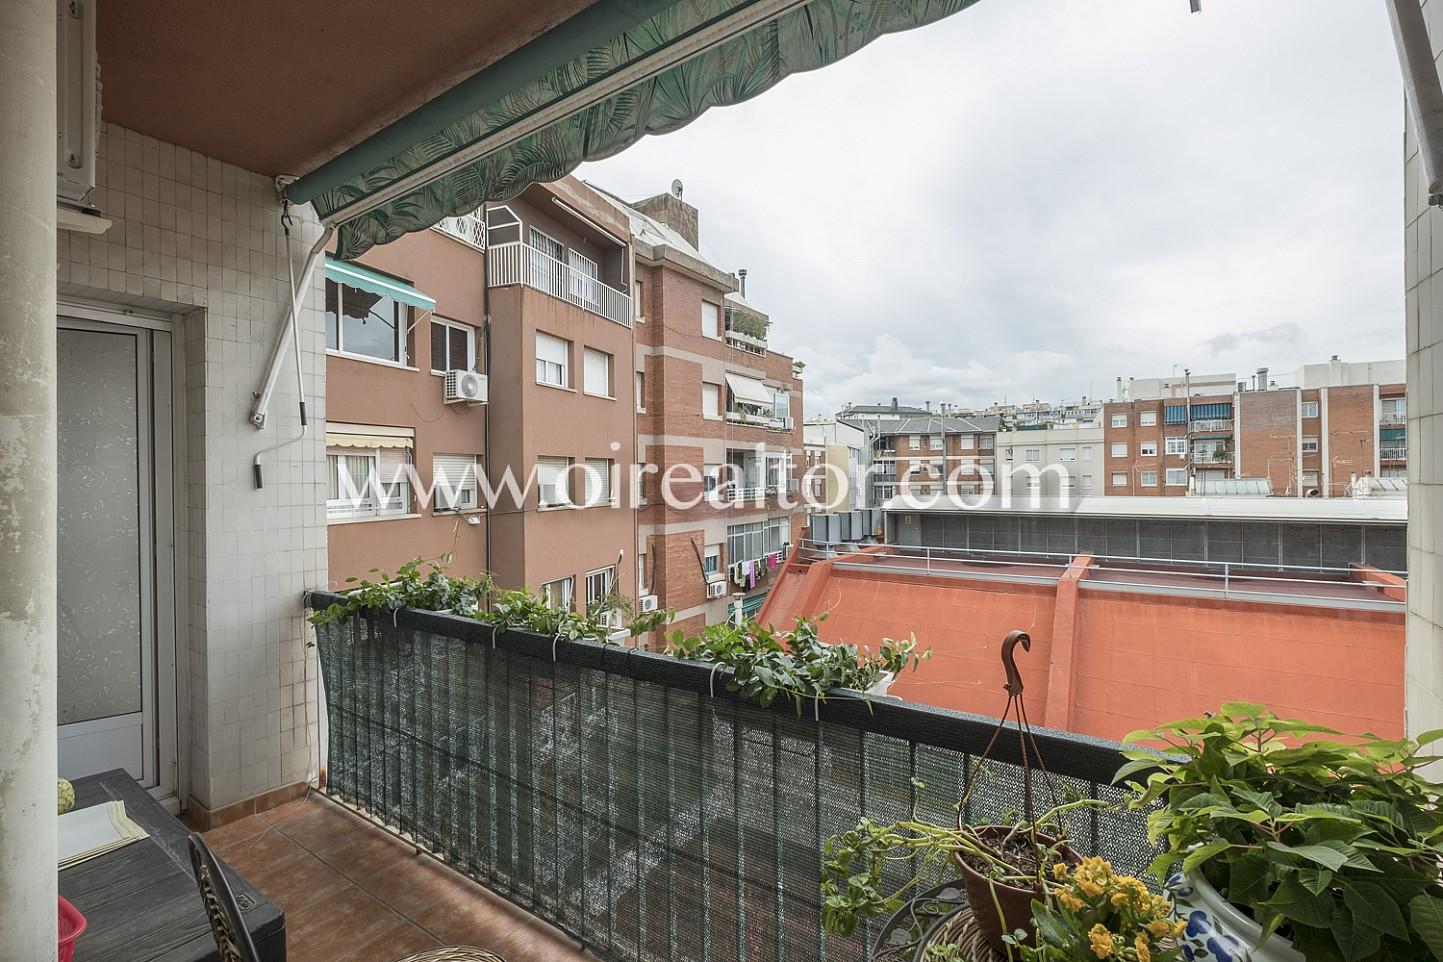 Vistas, vistas a la ciudad, patio de manzana, vistas despejadas, balcón